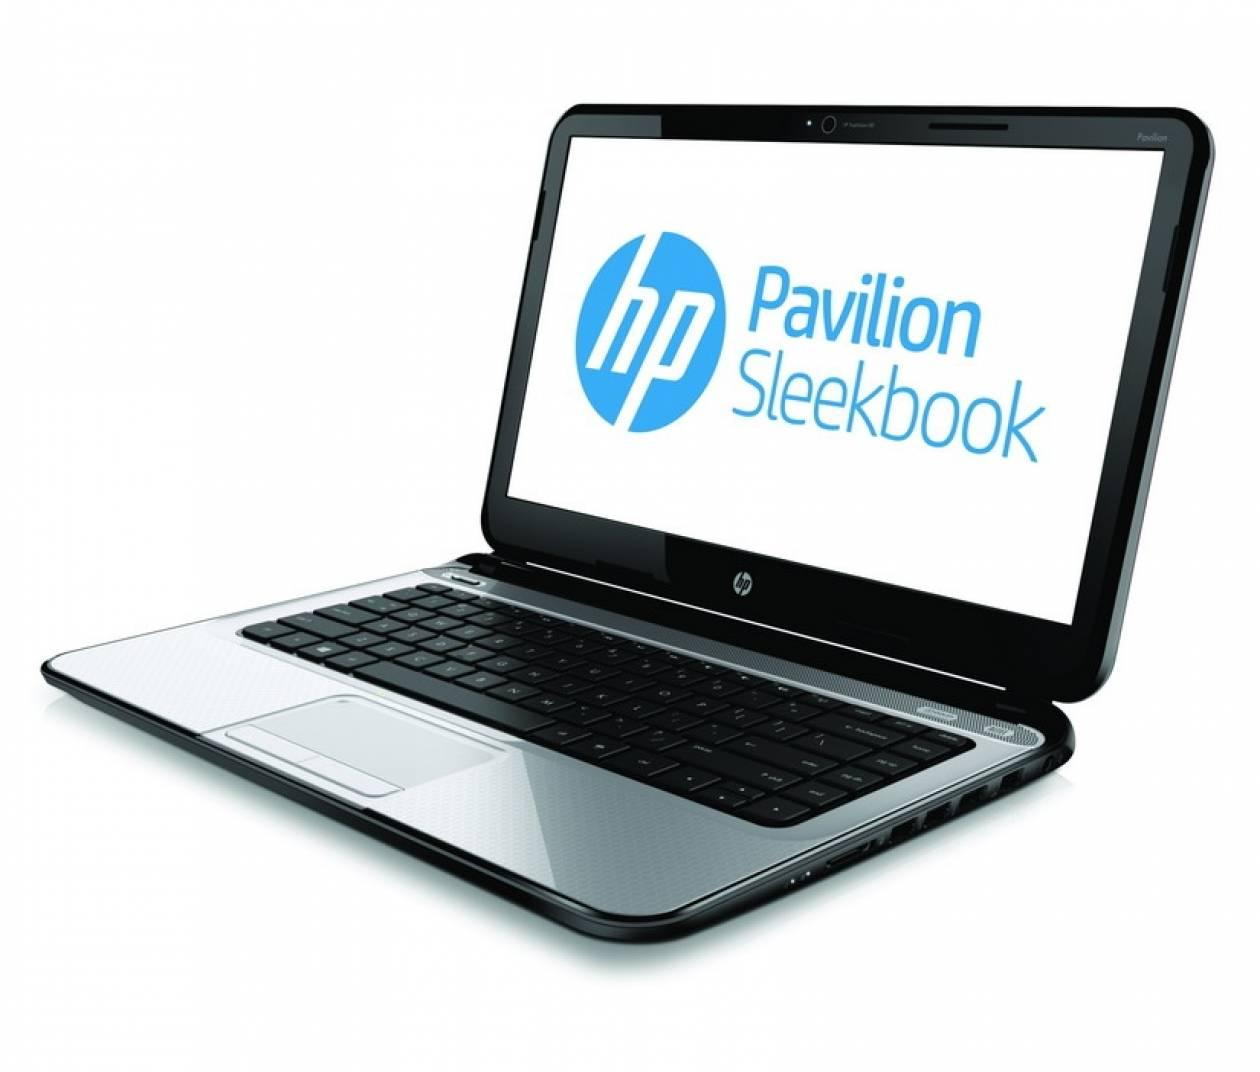 Λεπτοί και ελαφριοί φορητοί υπολογιστές για όλους από την HP